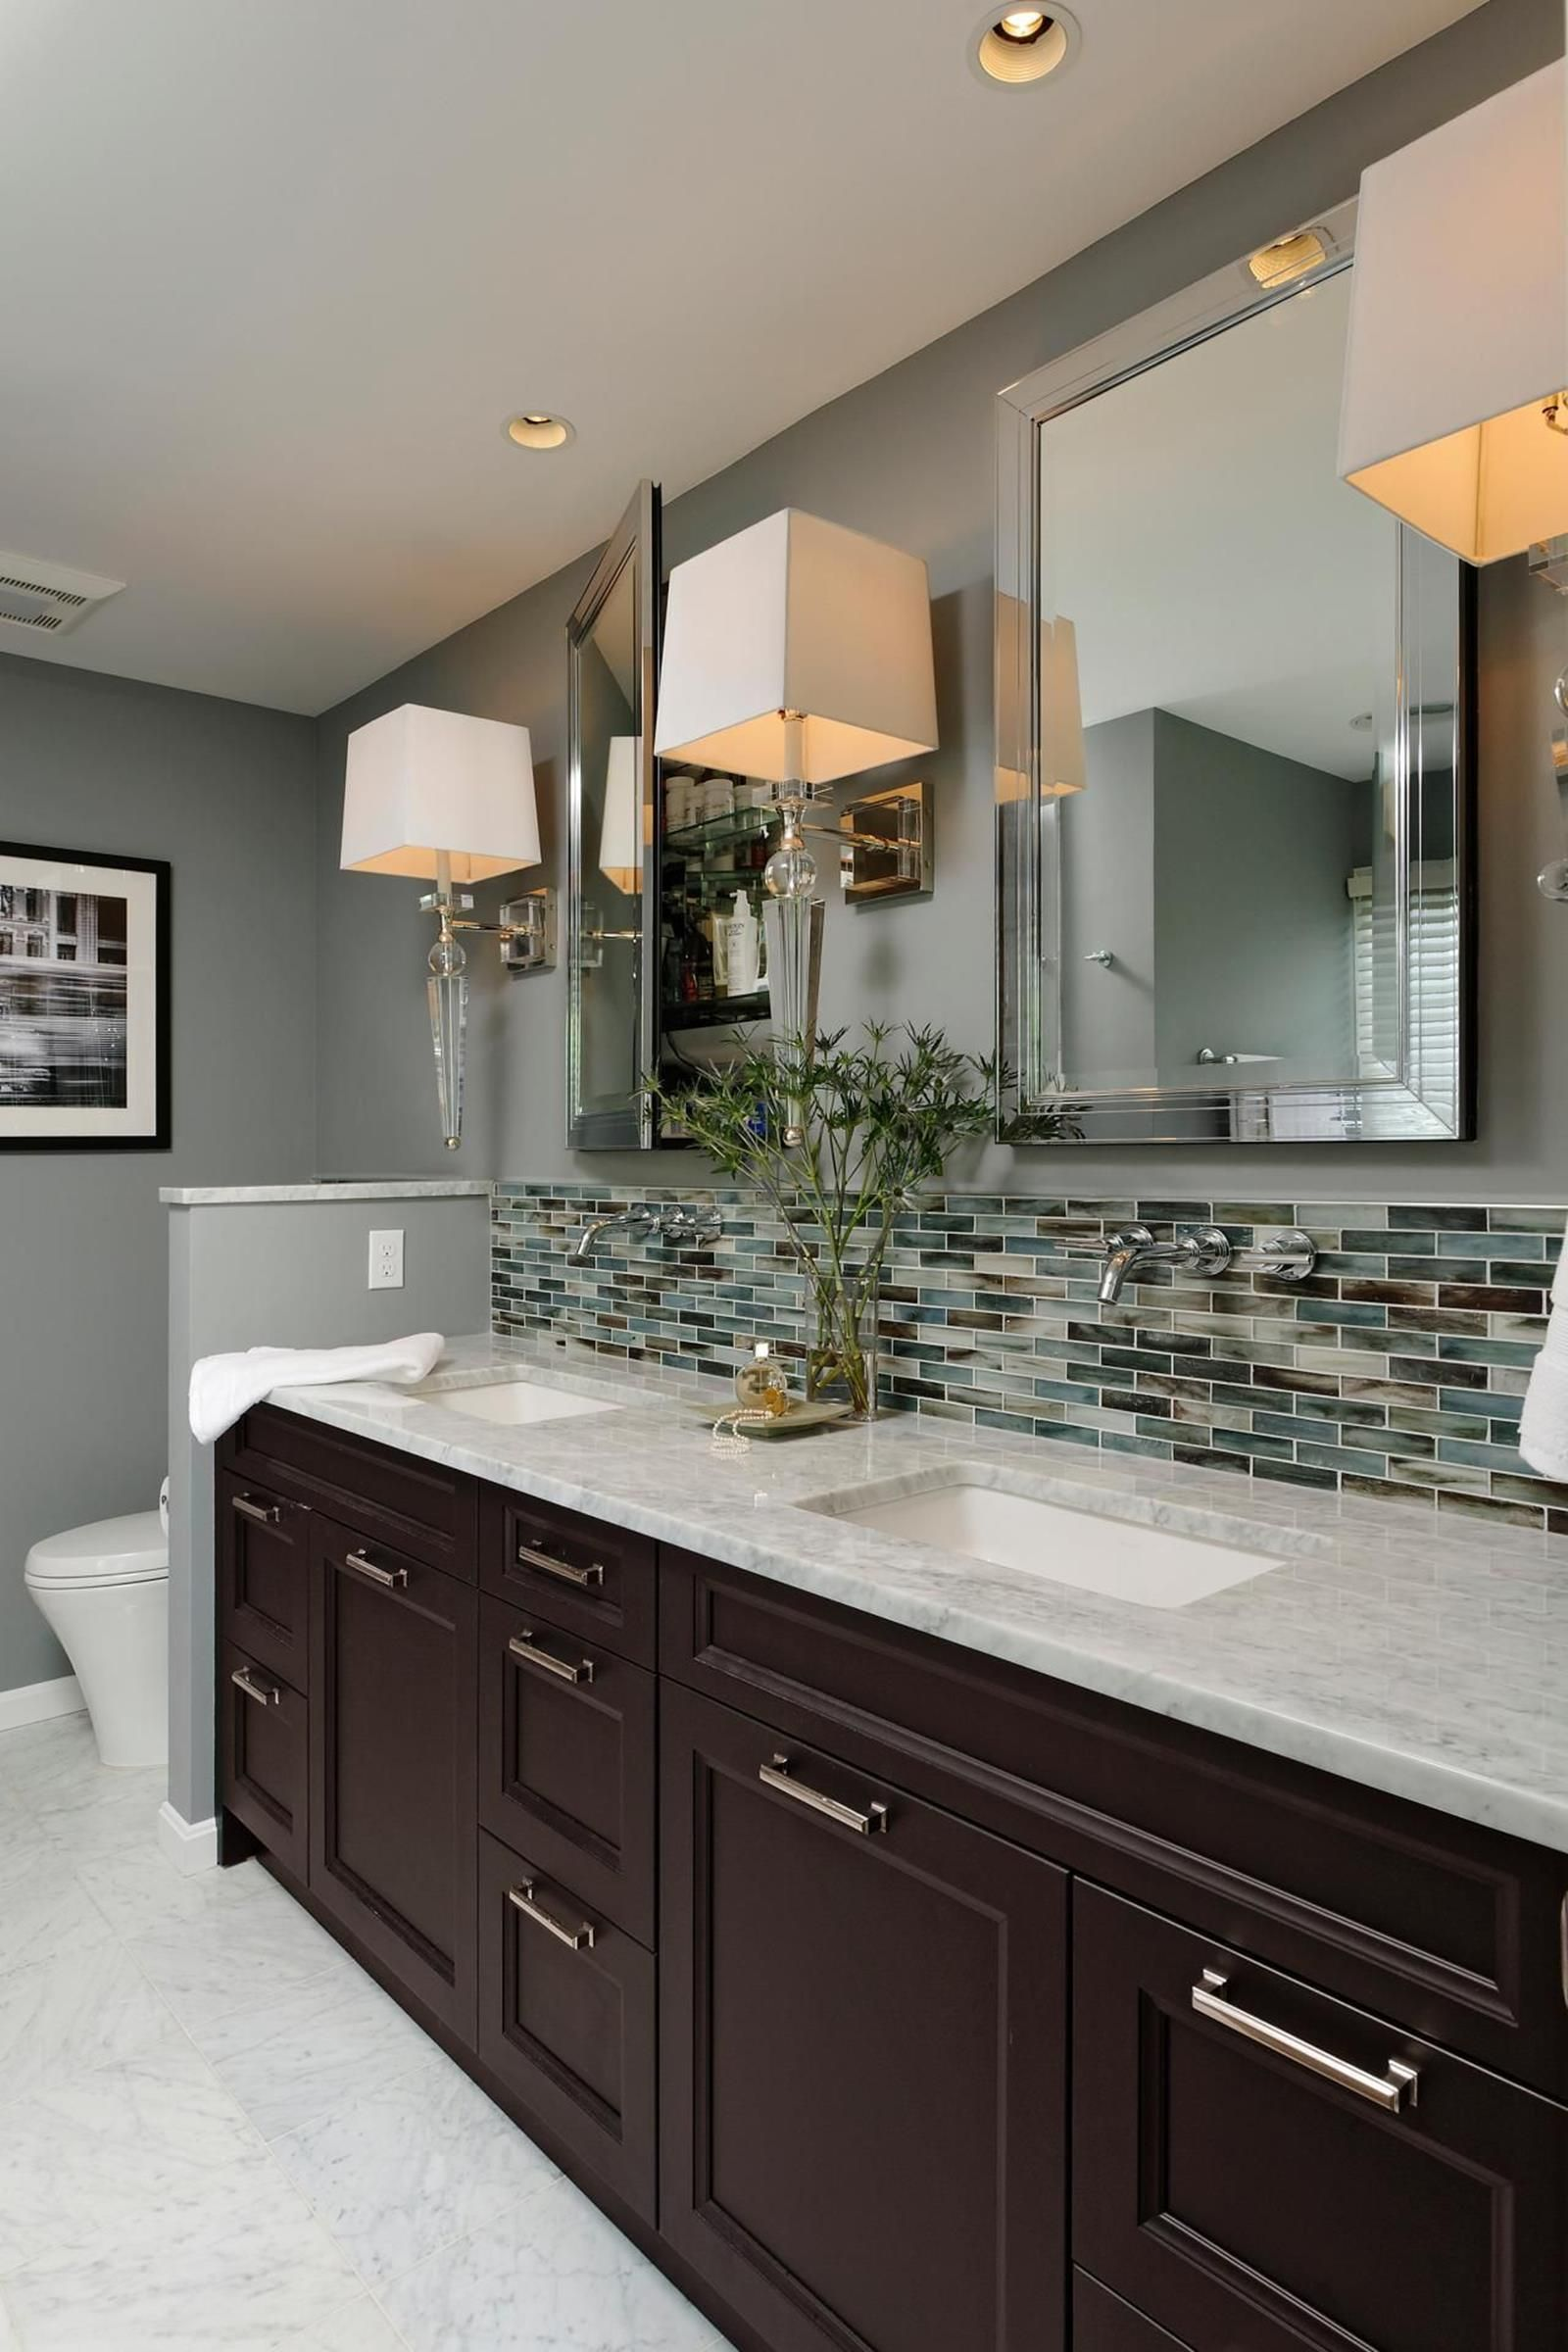 - Grey-Bathroom-Vanity-Backsplash-Ideas-6.jpg 1,600×2,400 Pixels